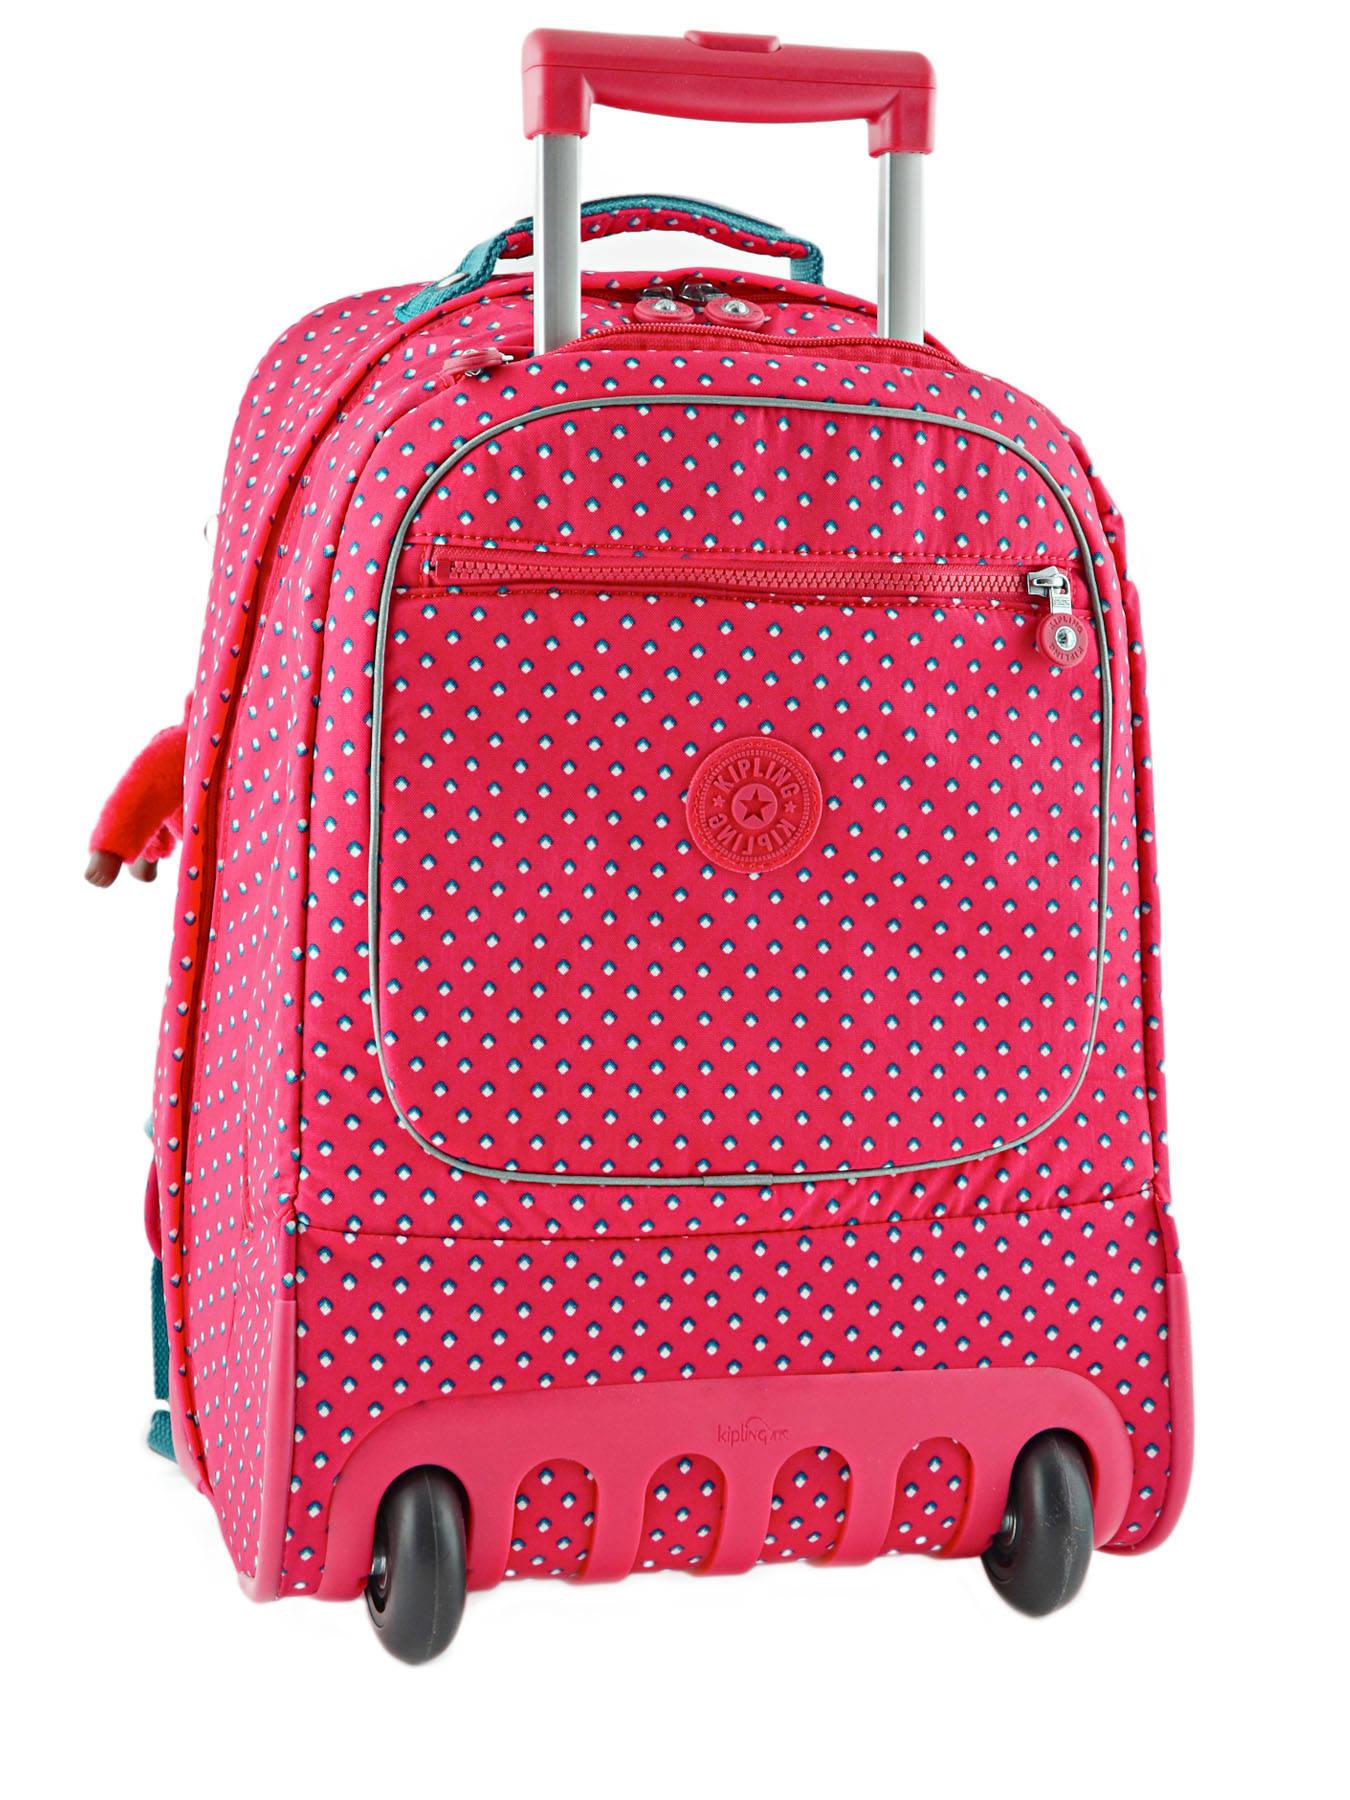 sac a dos roulettes kipling back to school pink summer pop en vente au meilleur prix. Black Bedroom Furniture Sets. Home Design Ideas